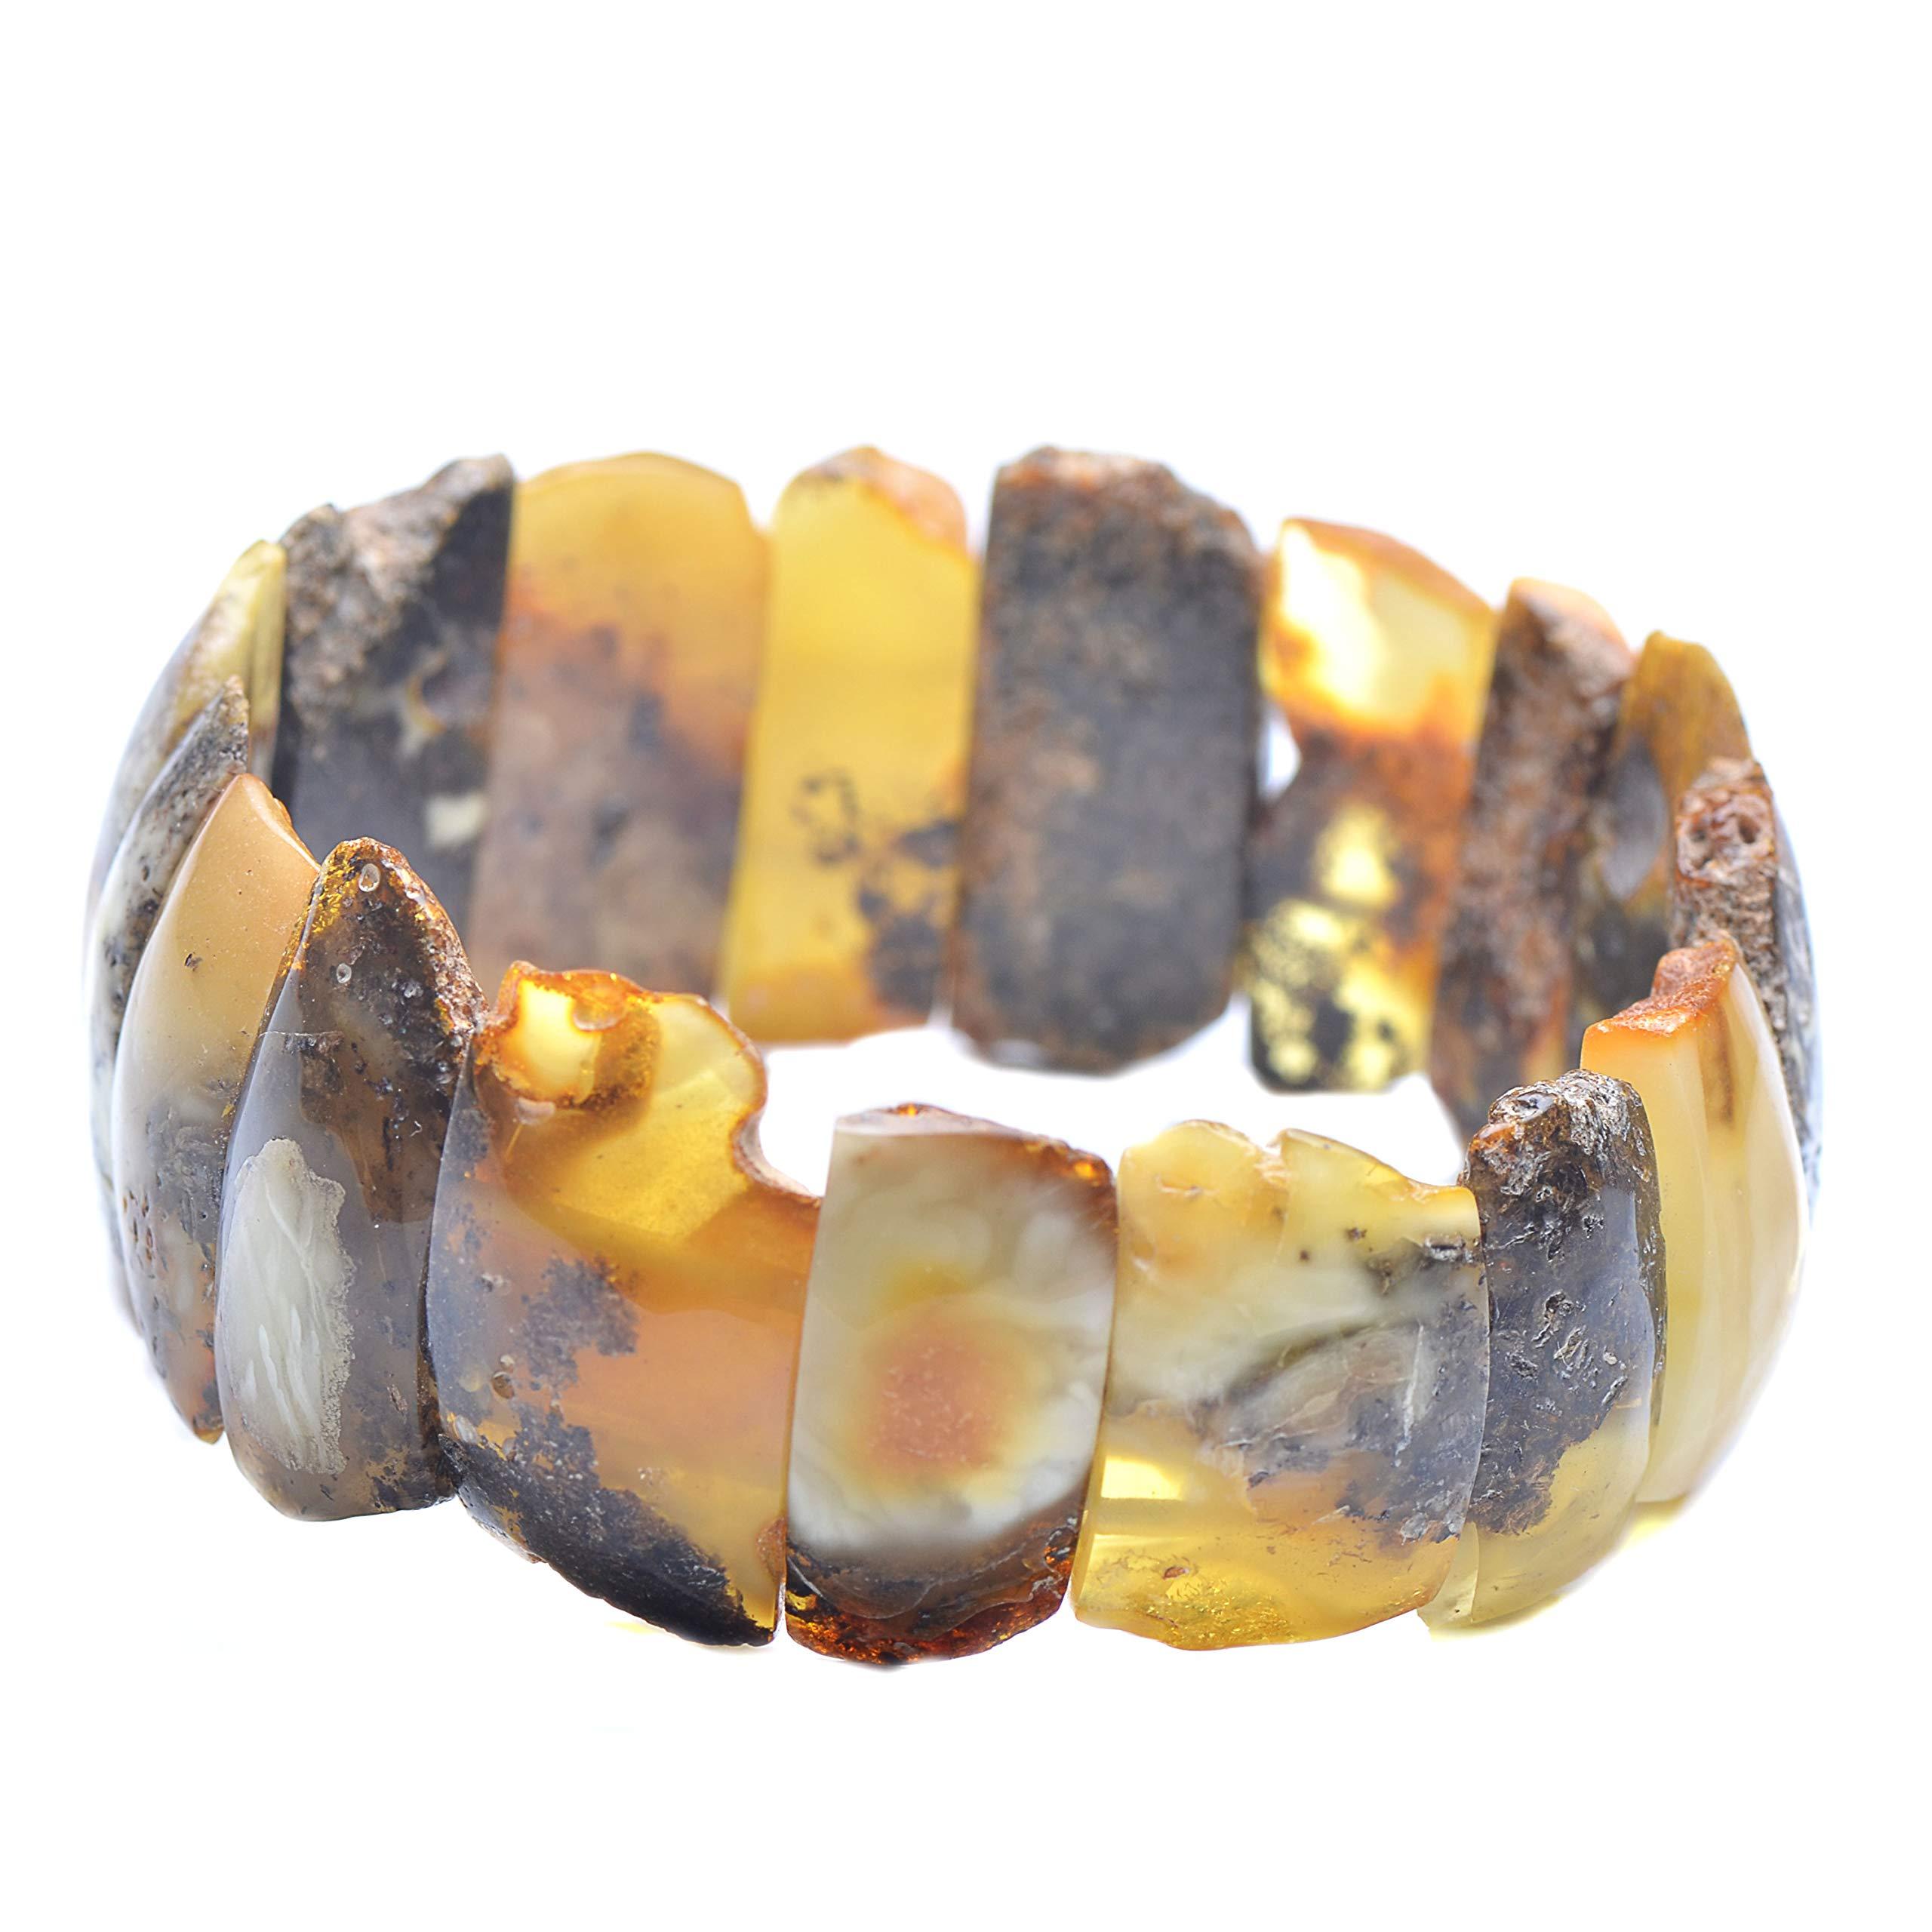 Colorful Amber Bracelet - Vintage Bracelet - Amber Bracelet - Vintage Amber Bracelet - Baltic Amber Bracelet by Genuine Amber (Image #2)